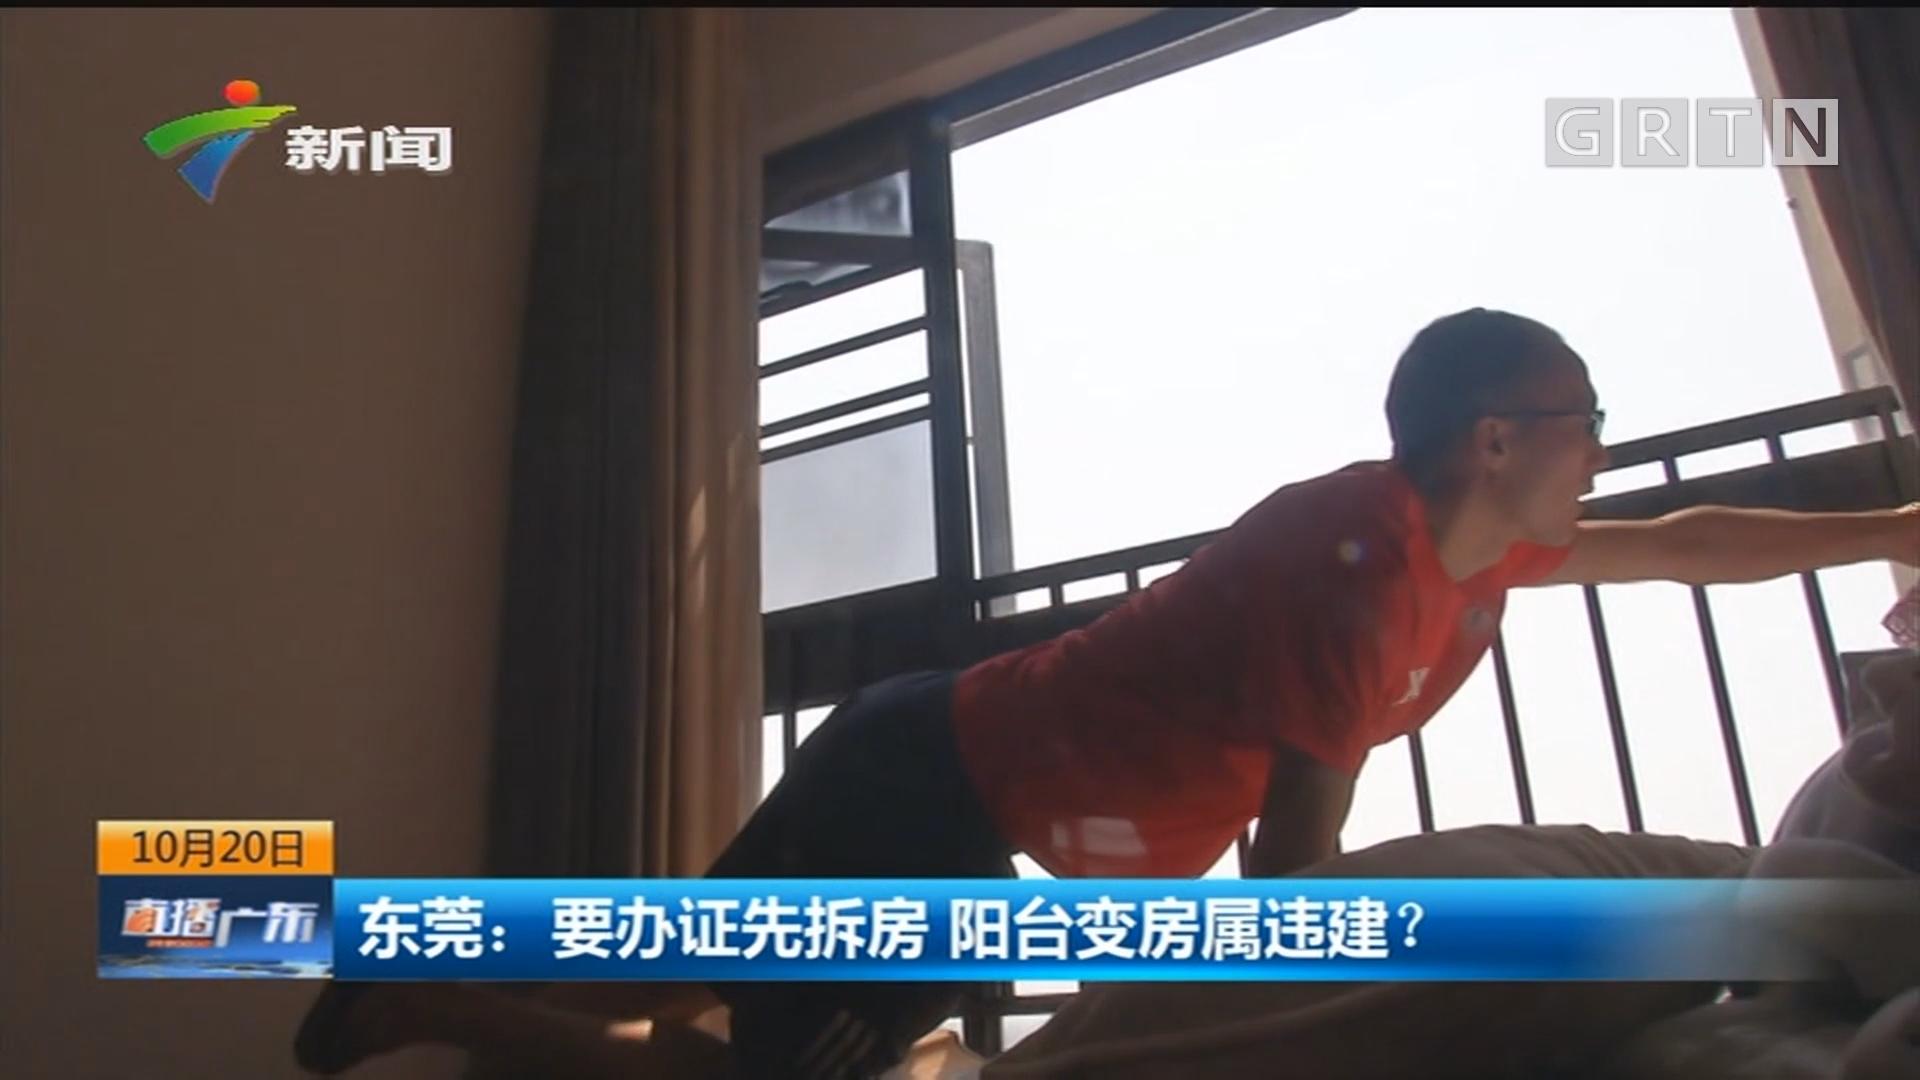 东莞:要办证先拆房 阳台变房属违建?